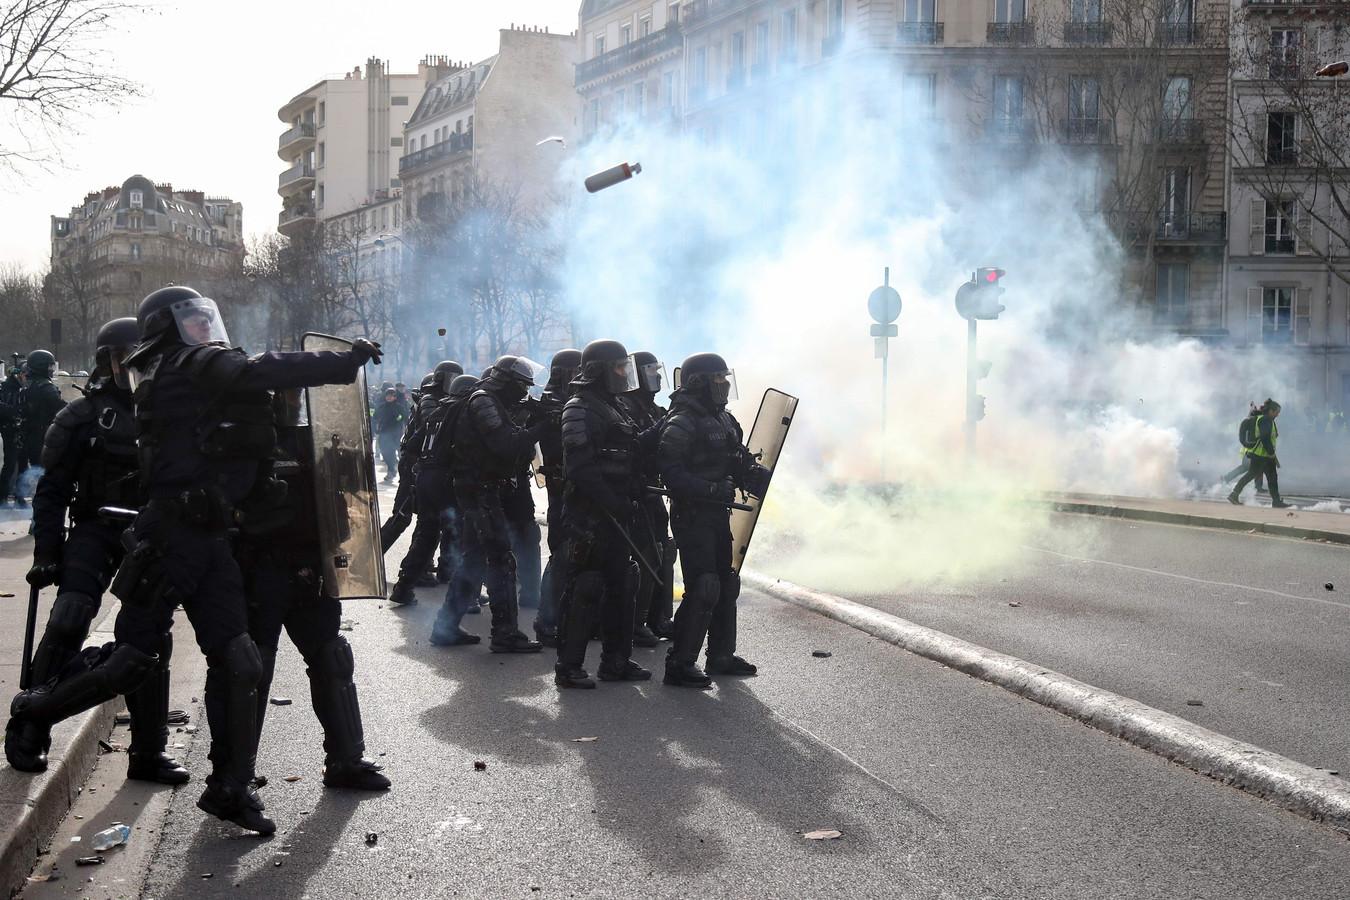 De politie zette ook opnieuw traangas in tegen de betogers.